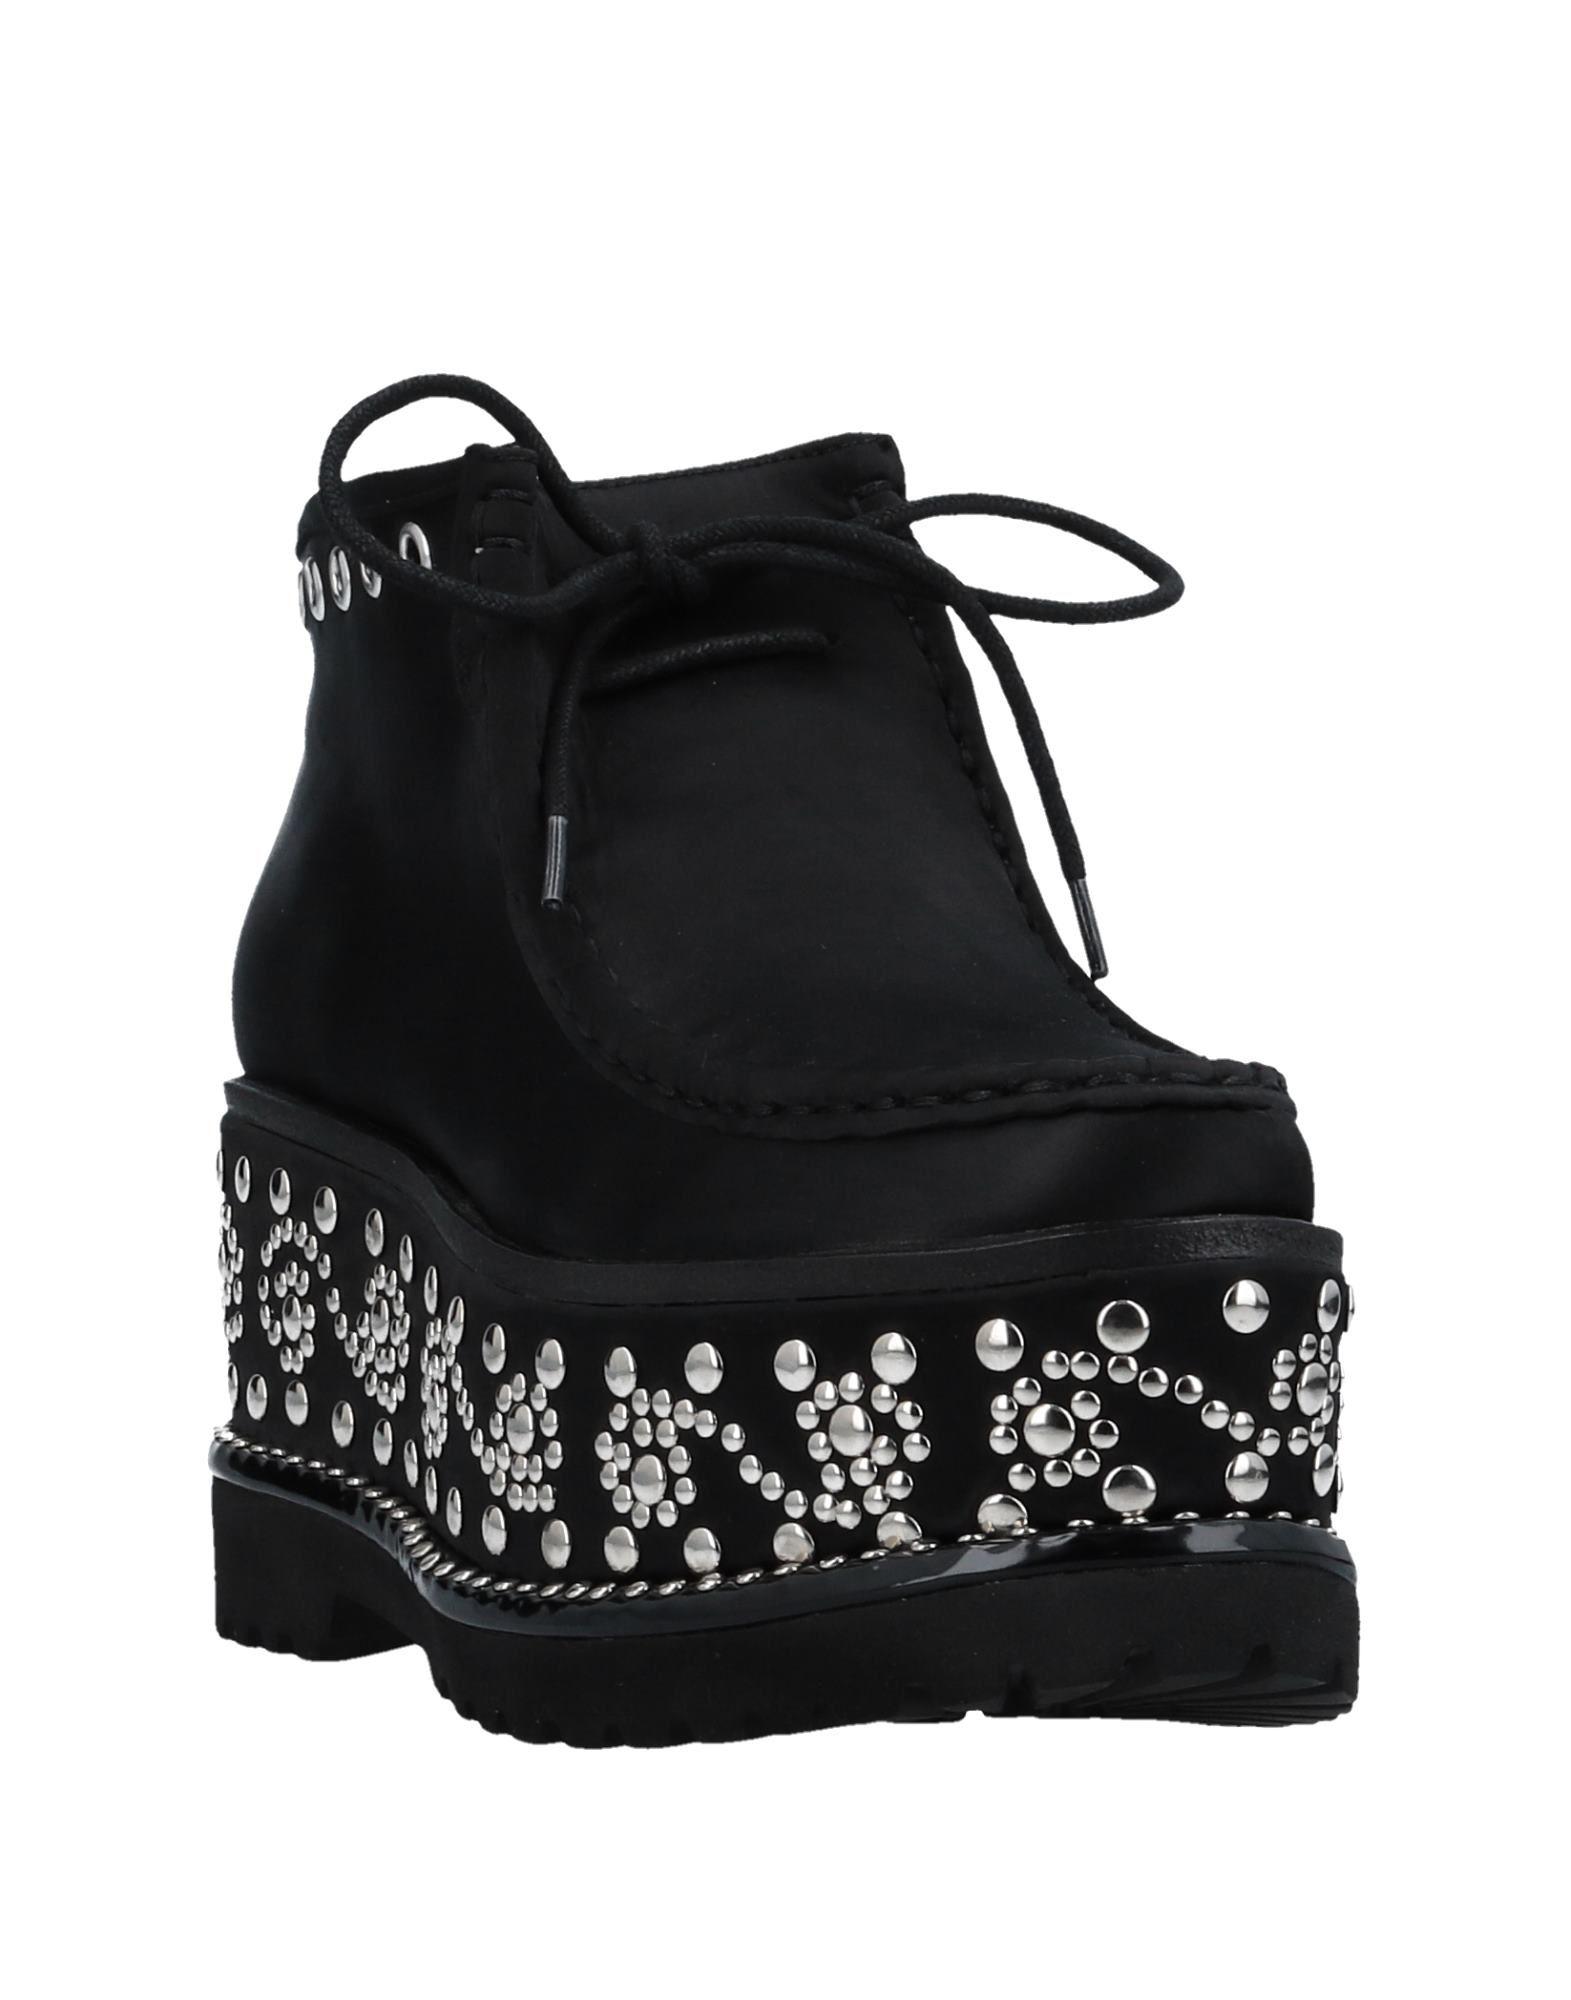 Gut um billige Damen Schuhe zu tragenJeffrey Campbell Stiefelette Damen billige  11511594MK 72f603